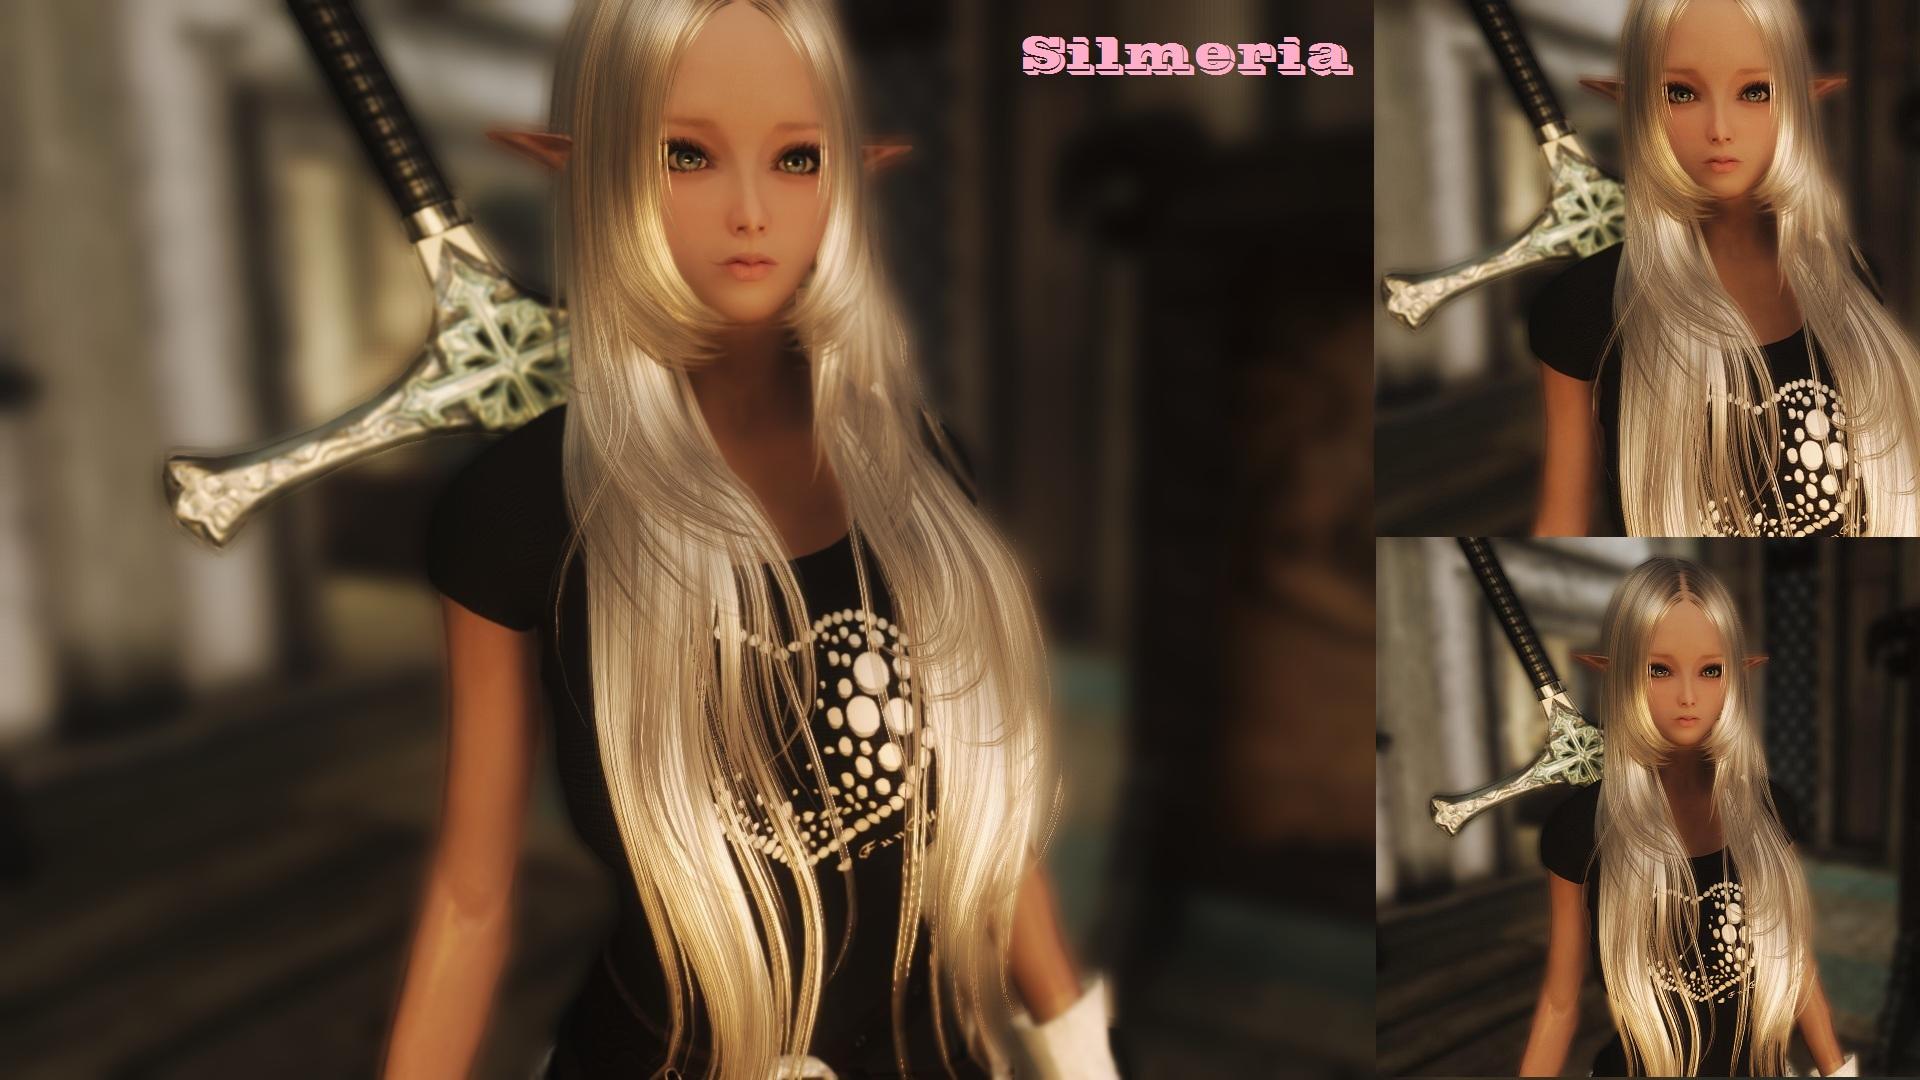 My beautiful girl Silmeria 60 Dark Elf   Skyrim Uploaded Images HD Wallpaper